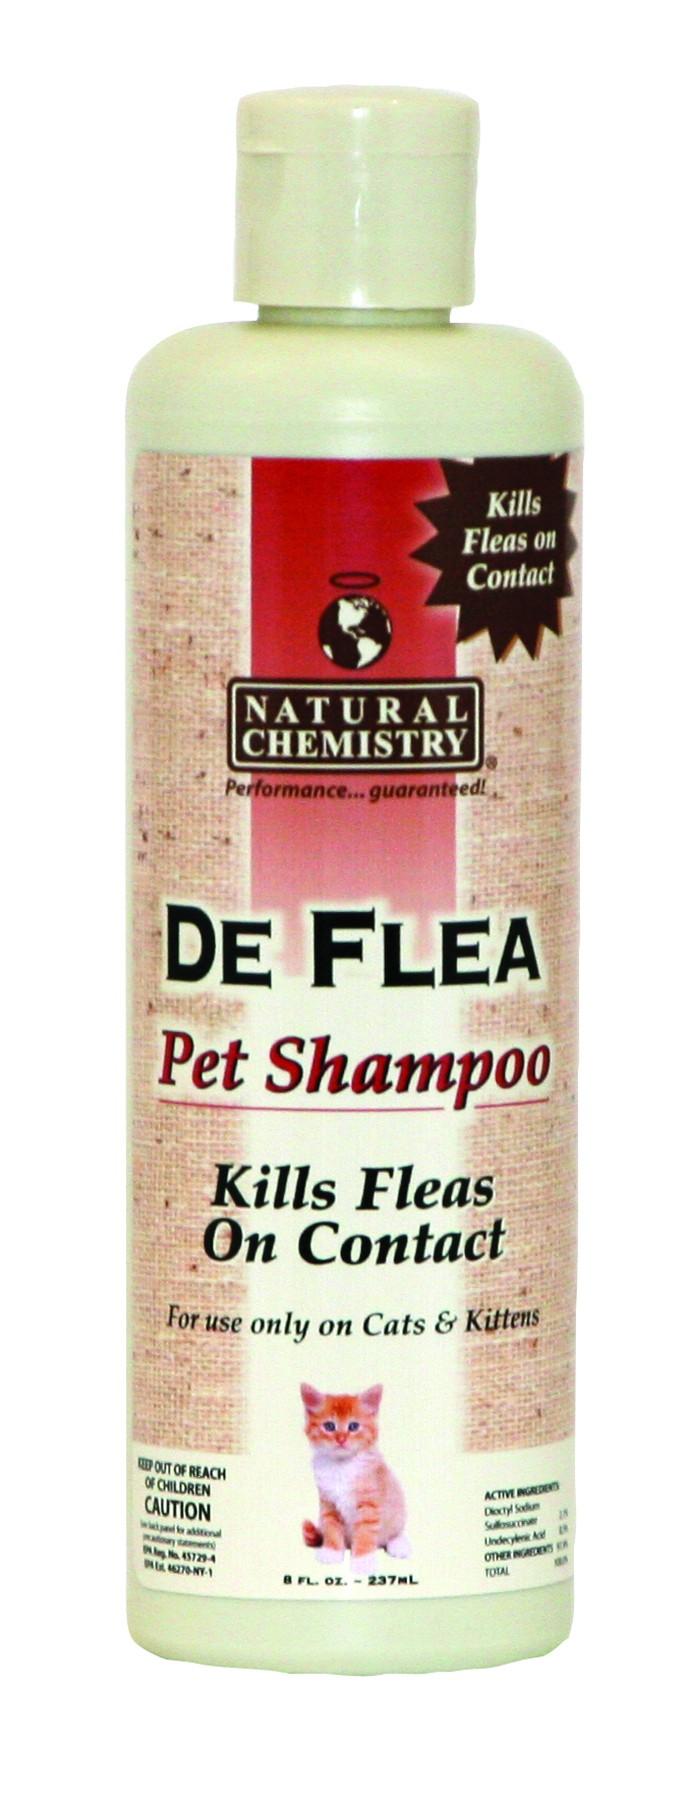 DEFLEA PET SHAMPOO FOR CATS